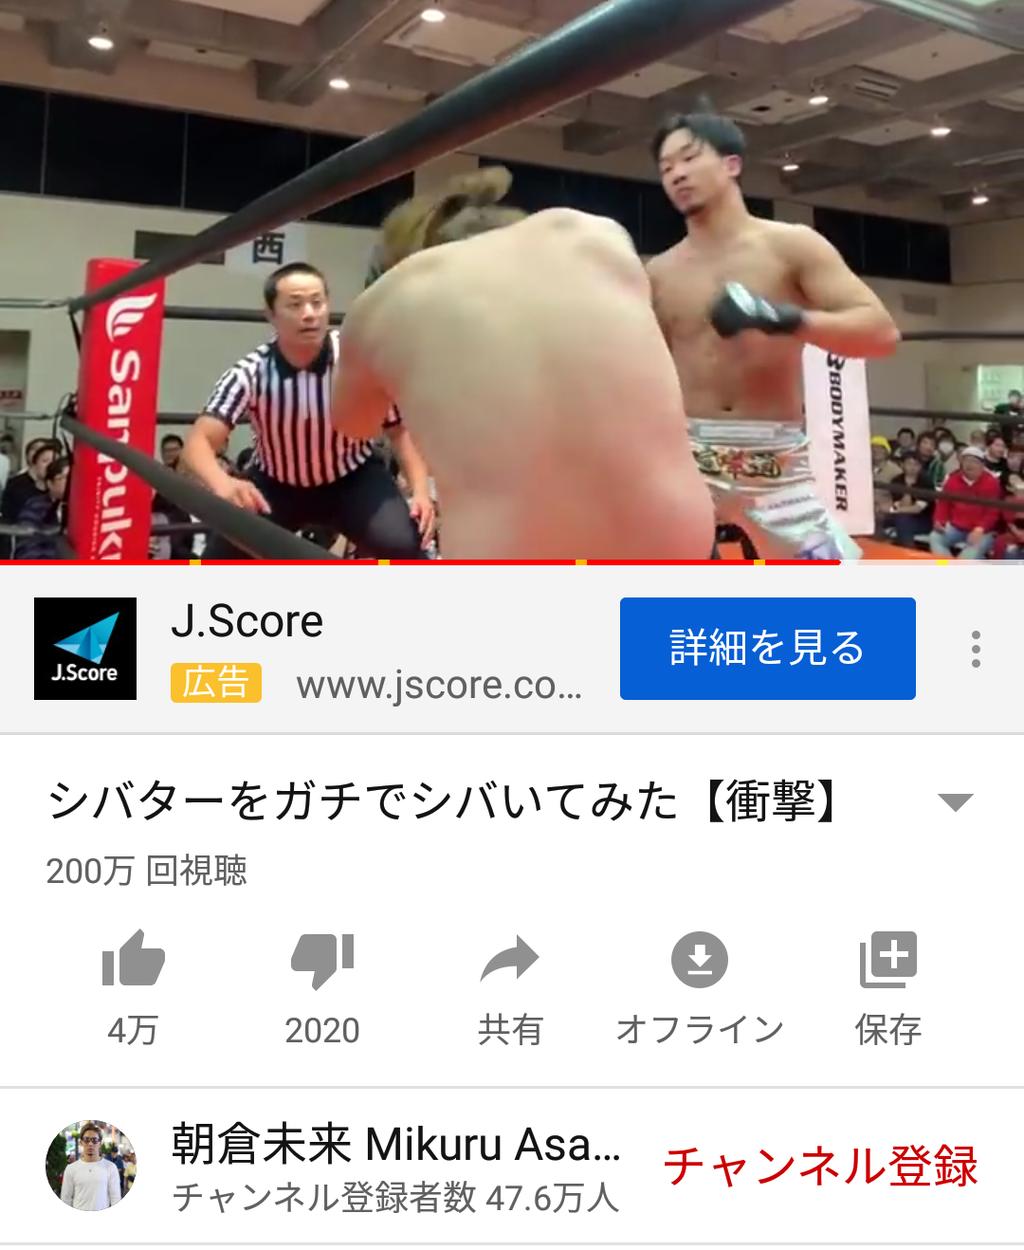 朝倉 未来 シバタ